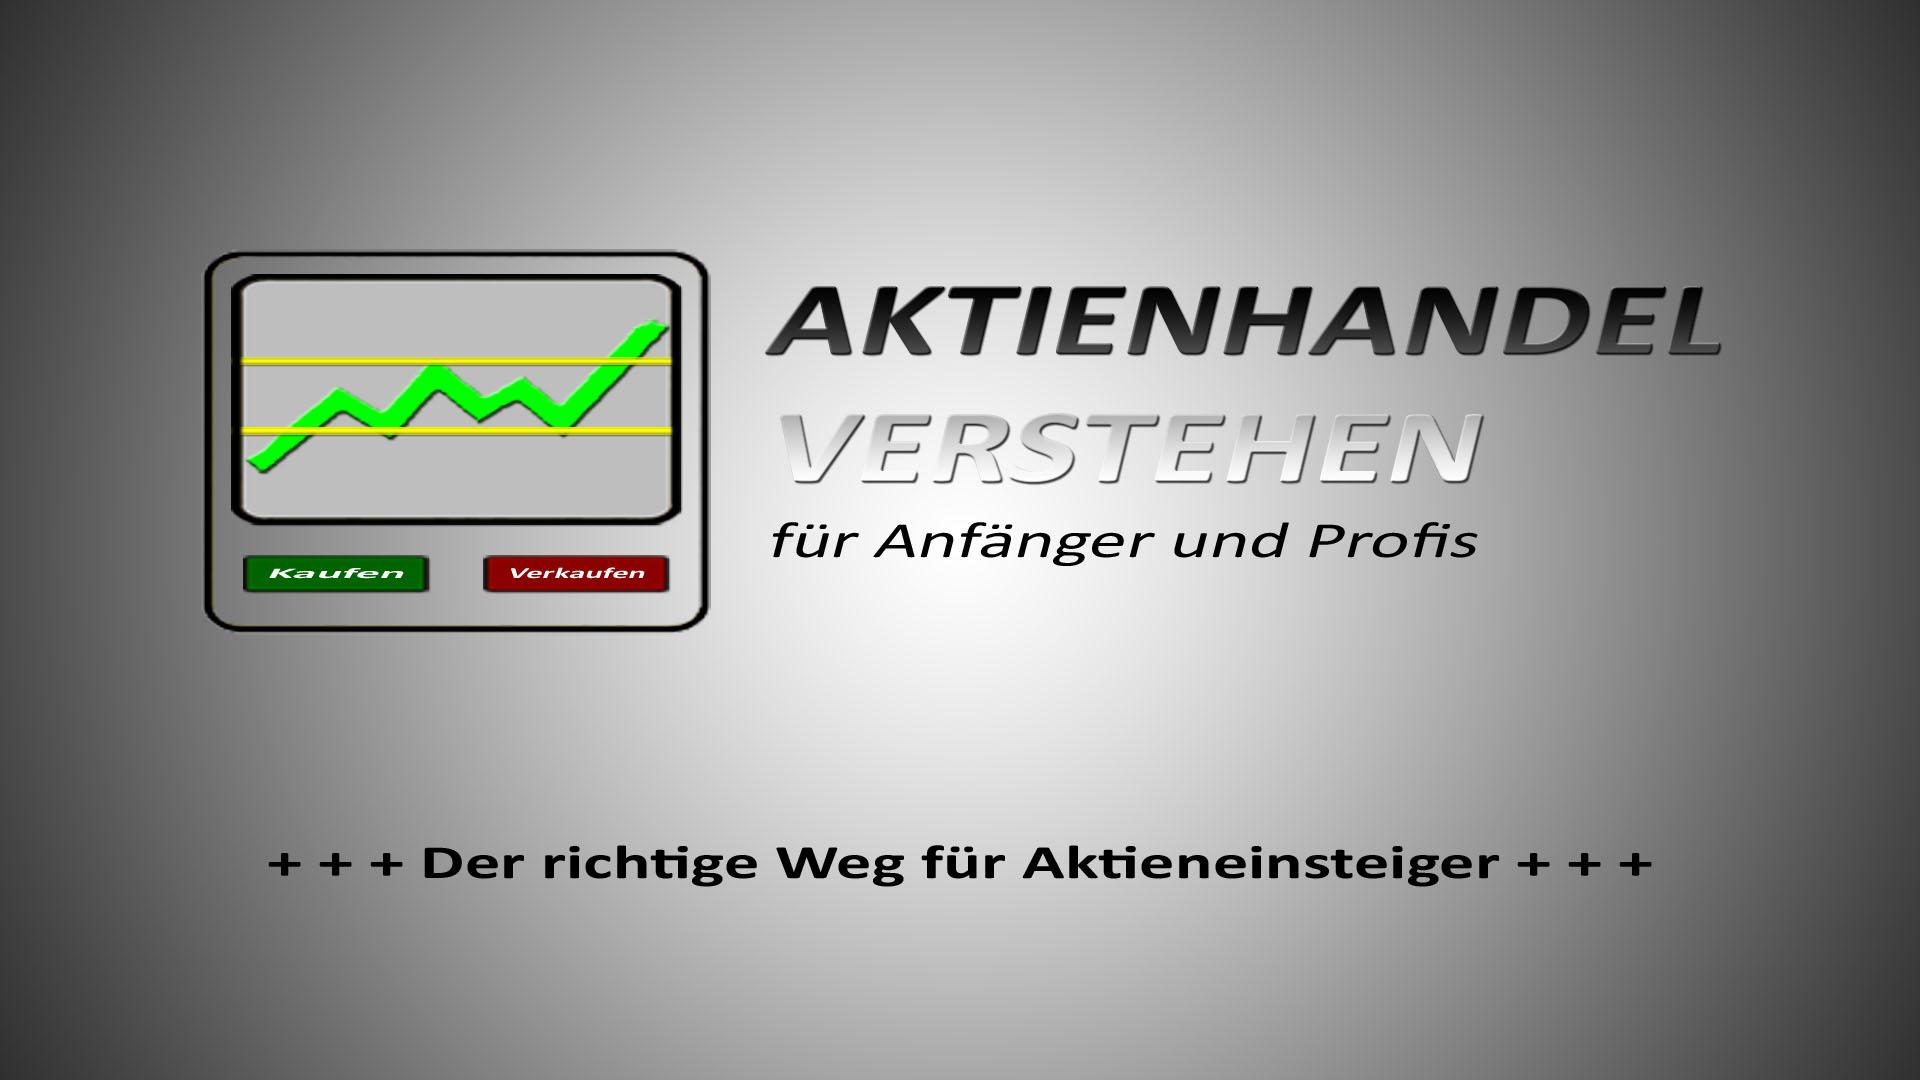 Der richtige Weg für Aktieneinsteiger! | Aktienhandel Blog